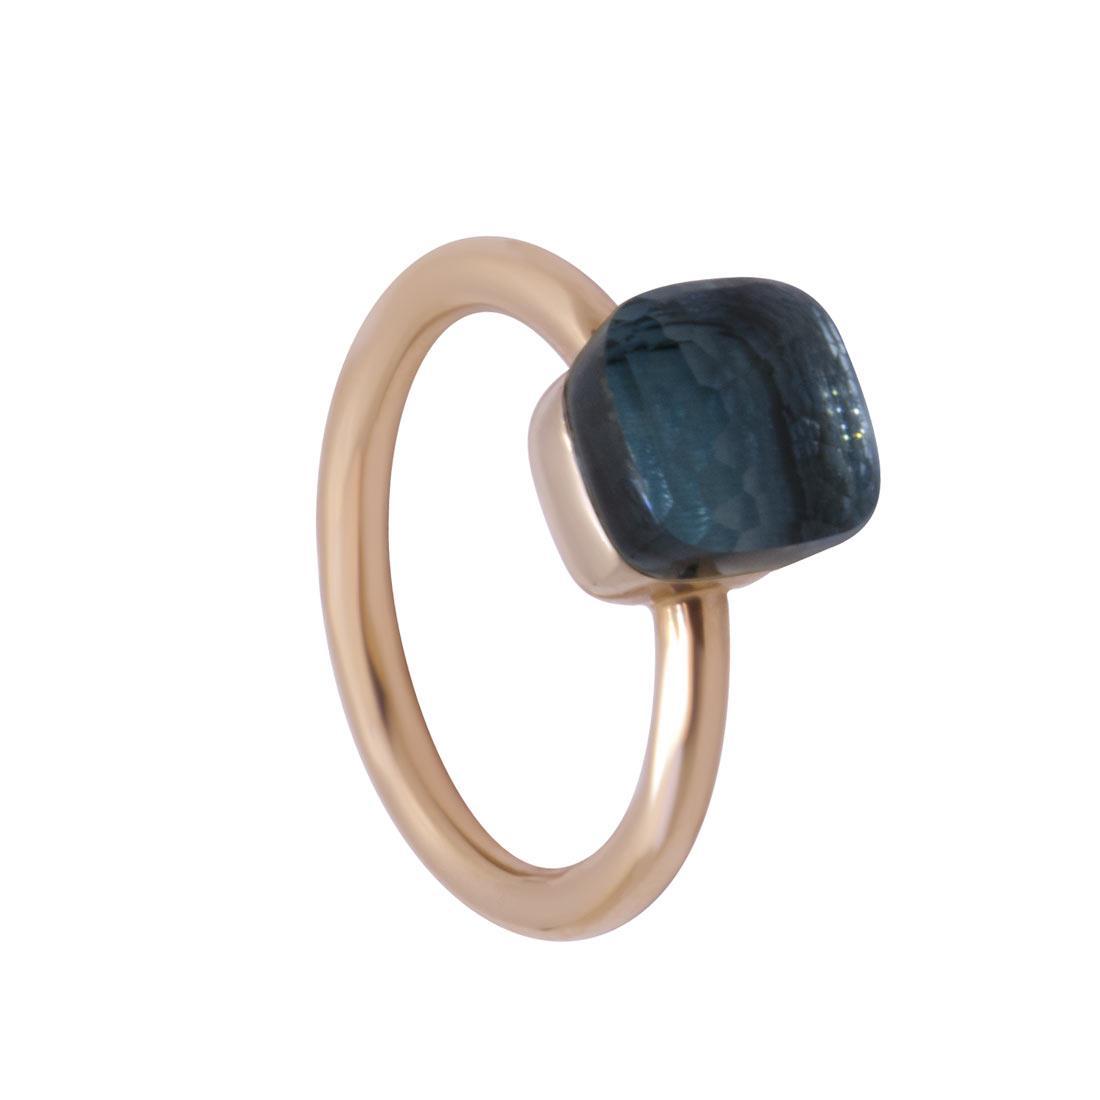 Anello Pomellato Nudo Petit Ring mis 14 - POMELLATO